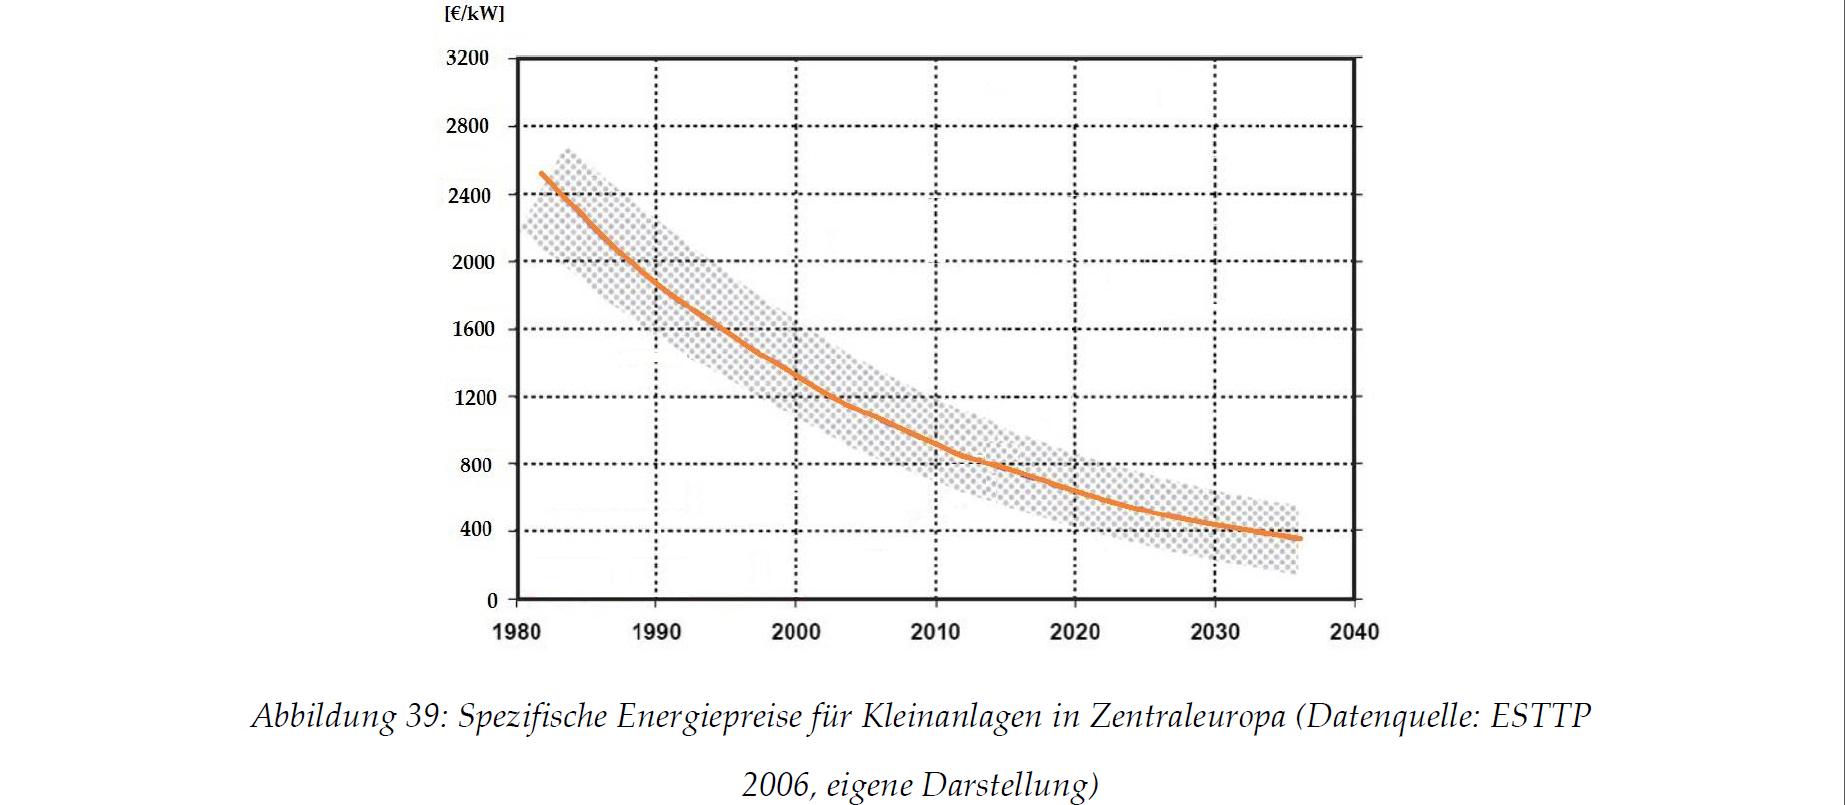 Spezifische Energiepreise für Kleinanlagen in Zentraleuopa